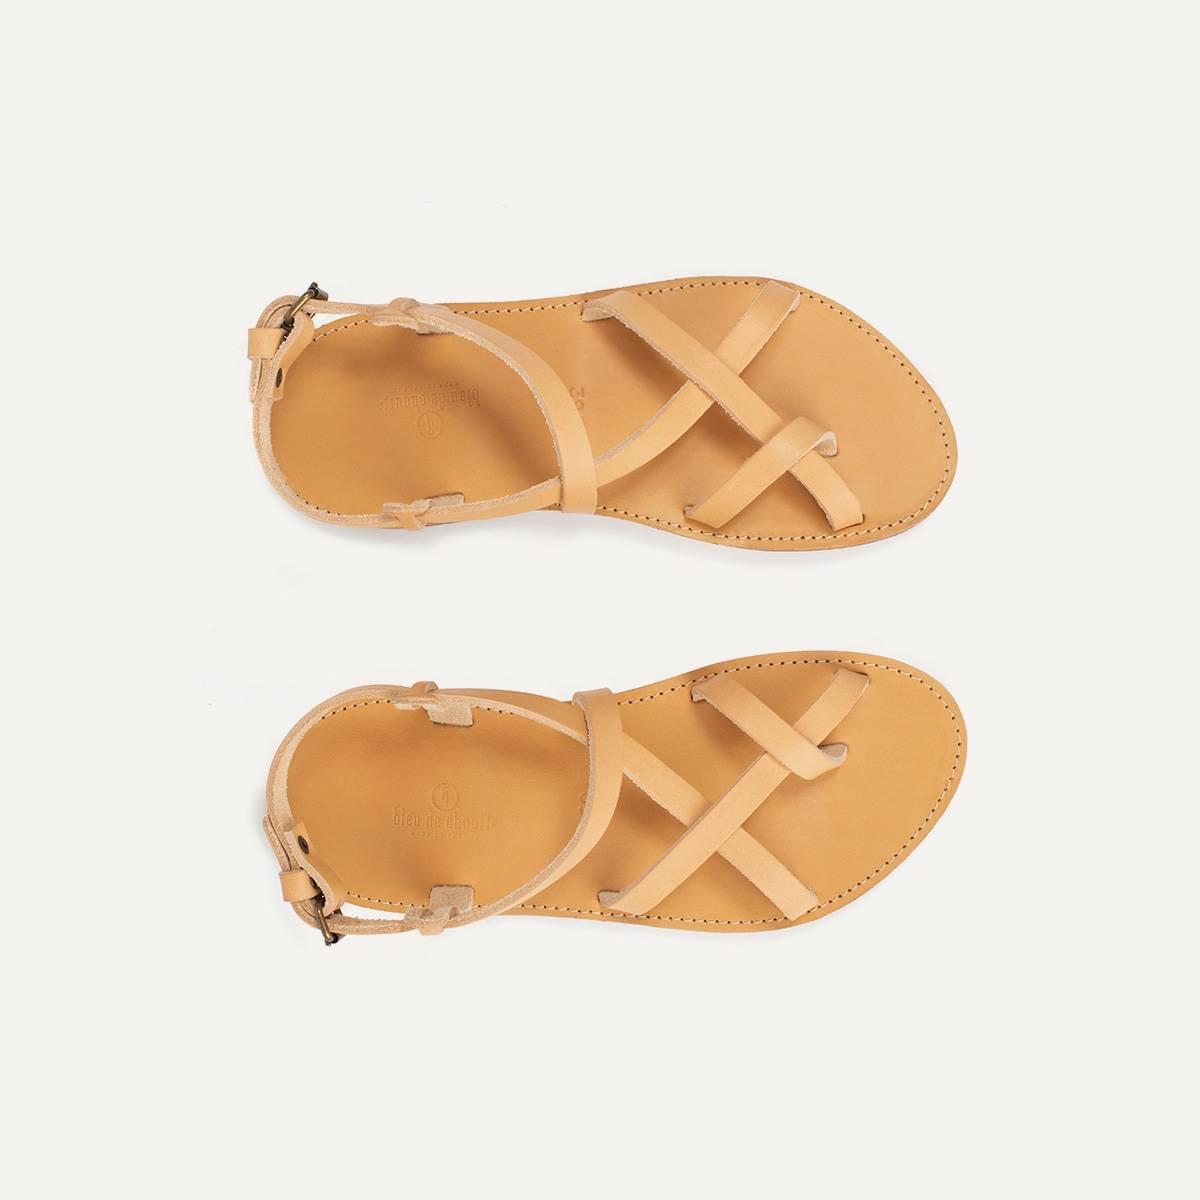 Sandales cuir Nara - Naturel (image n°1)